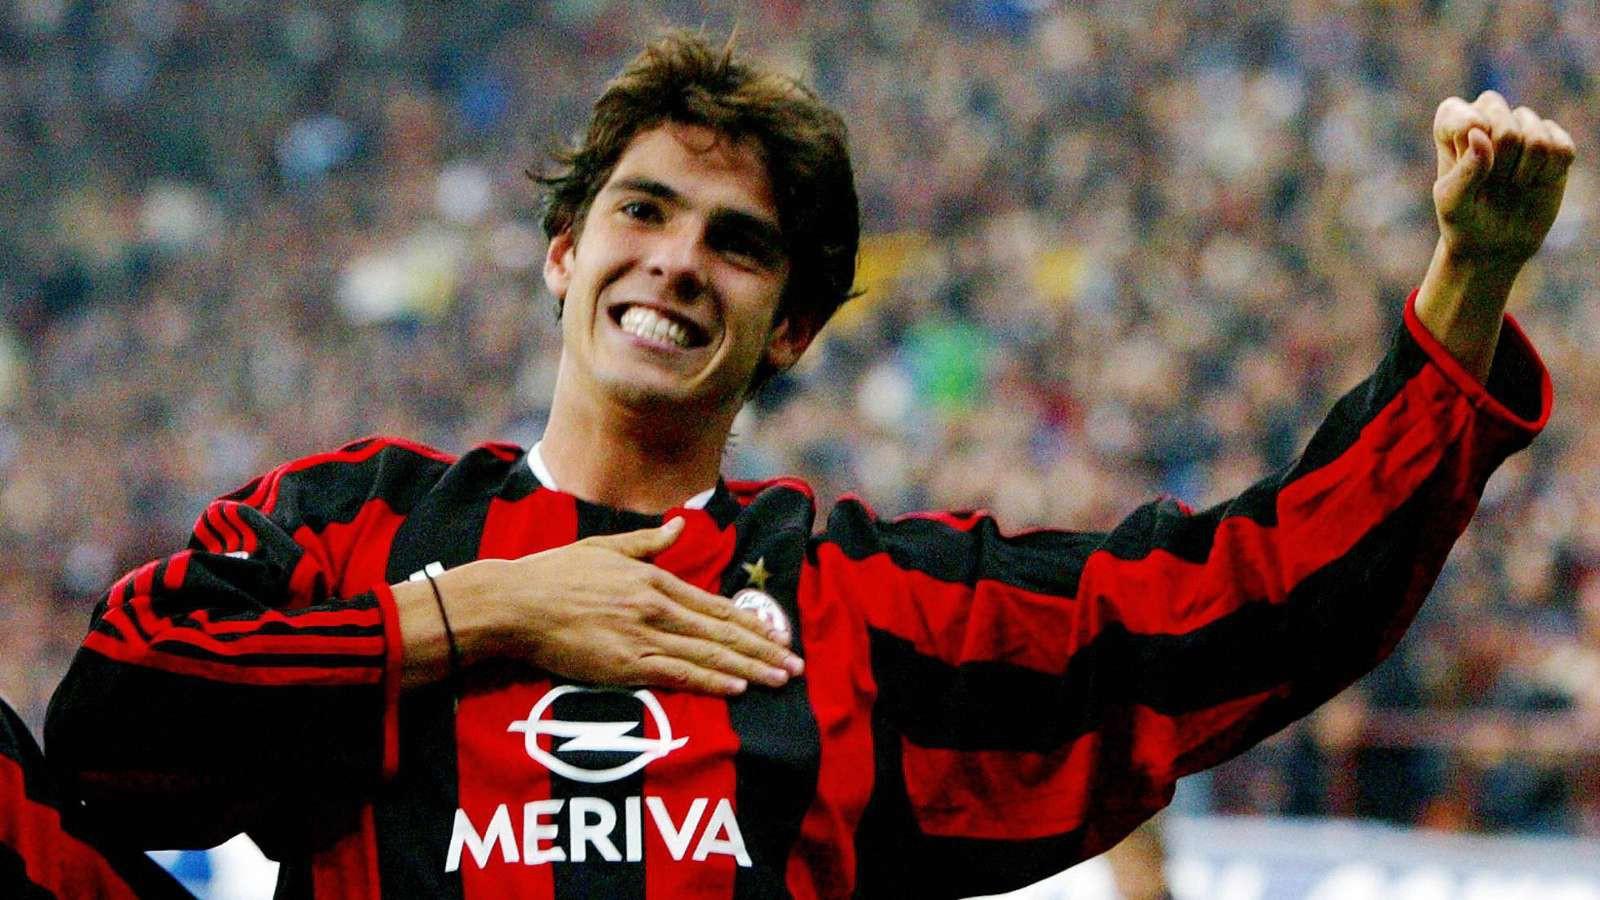 Thành tích của Ronaldo so với các tiền đạo huyền thoại ở mùa giải đầu tiên dự Serie A như thế nào? - Ảnh 4.